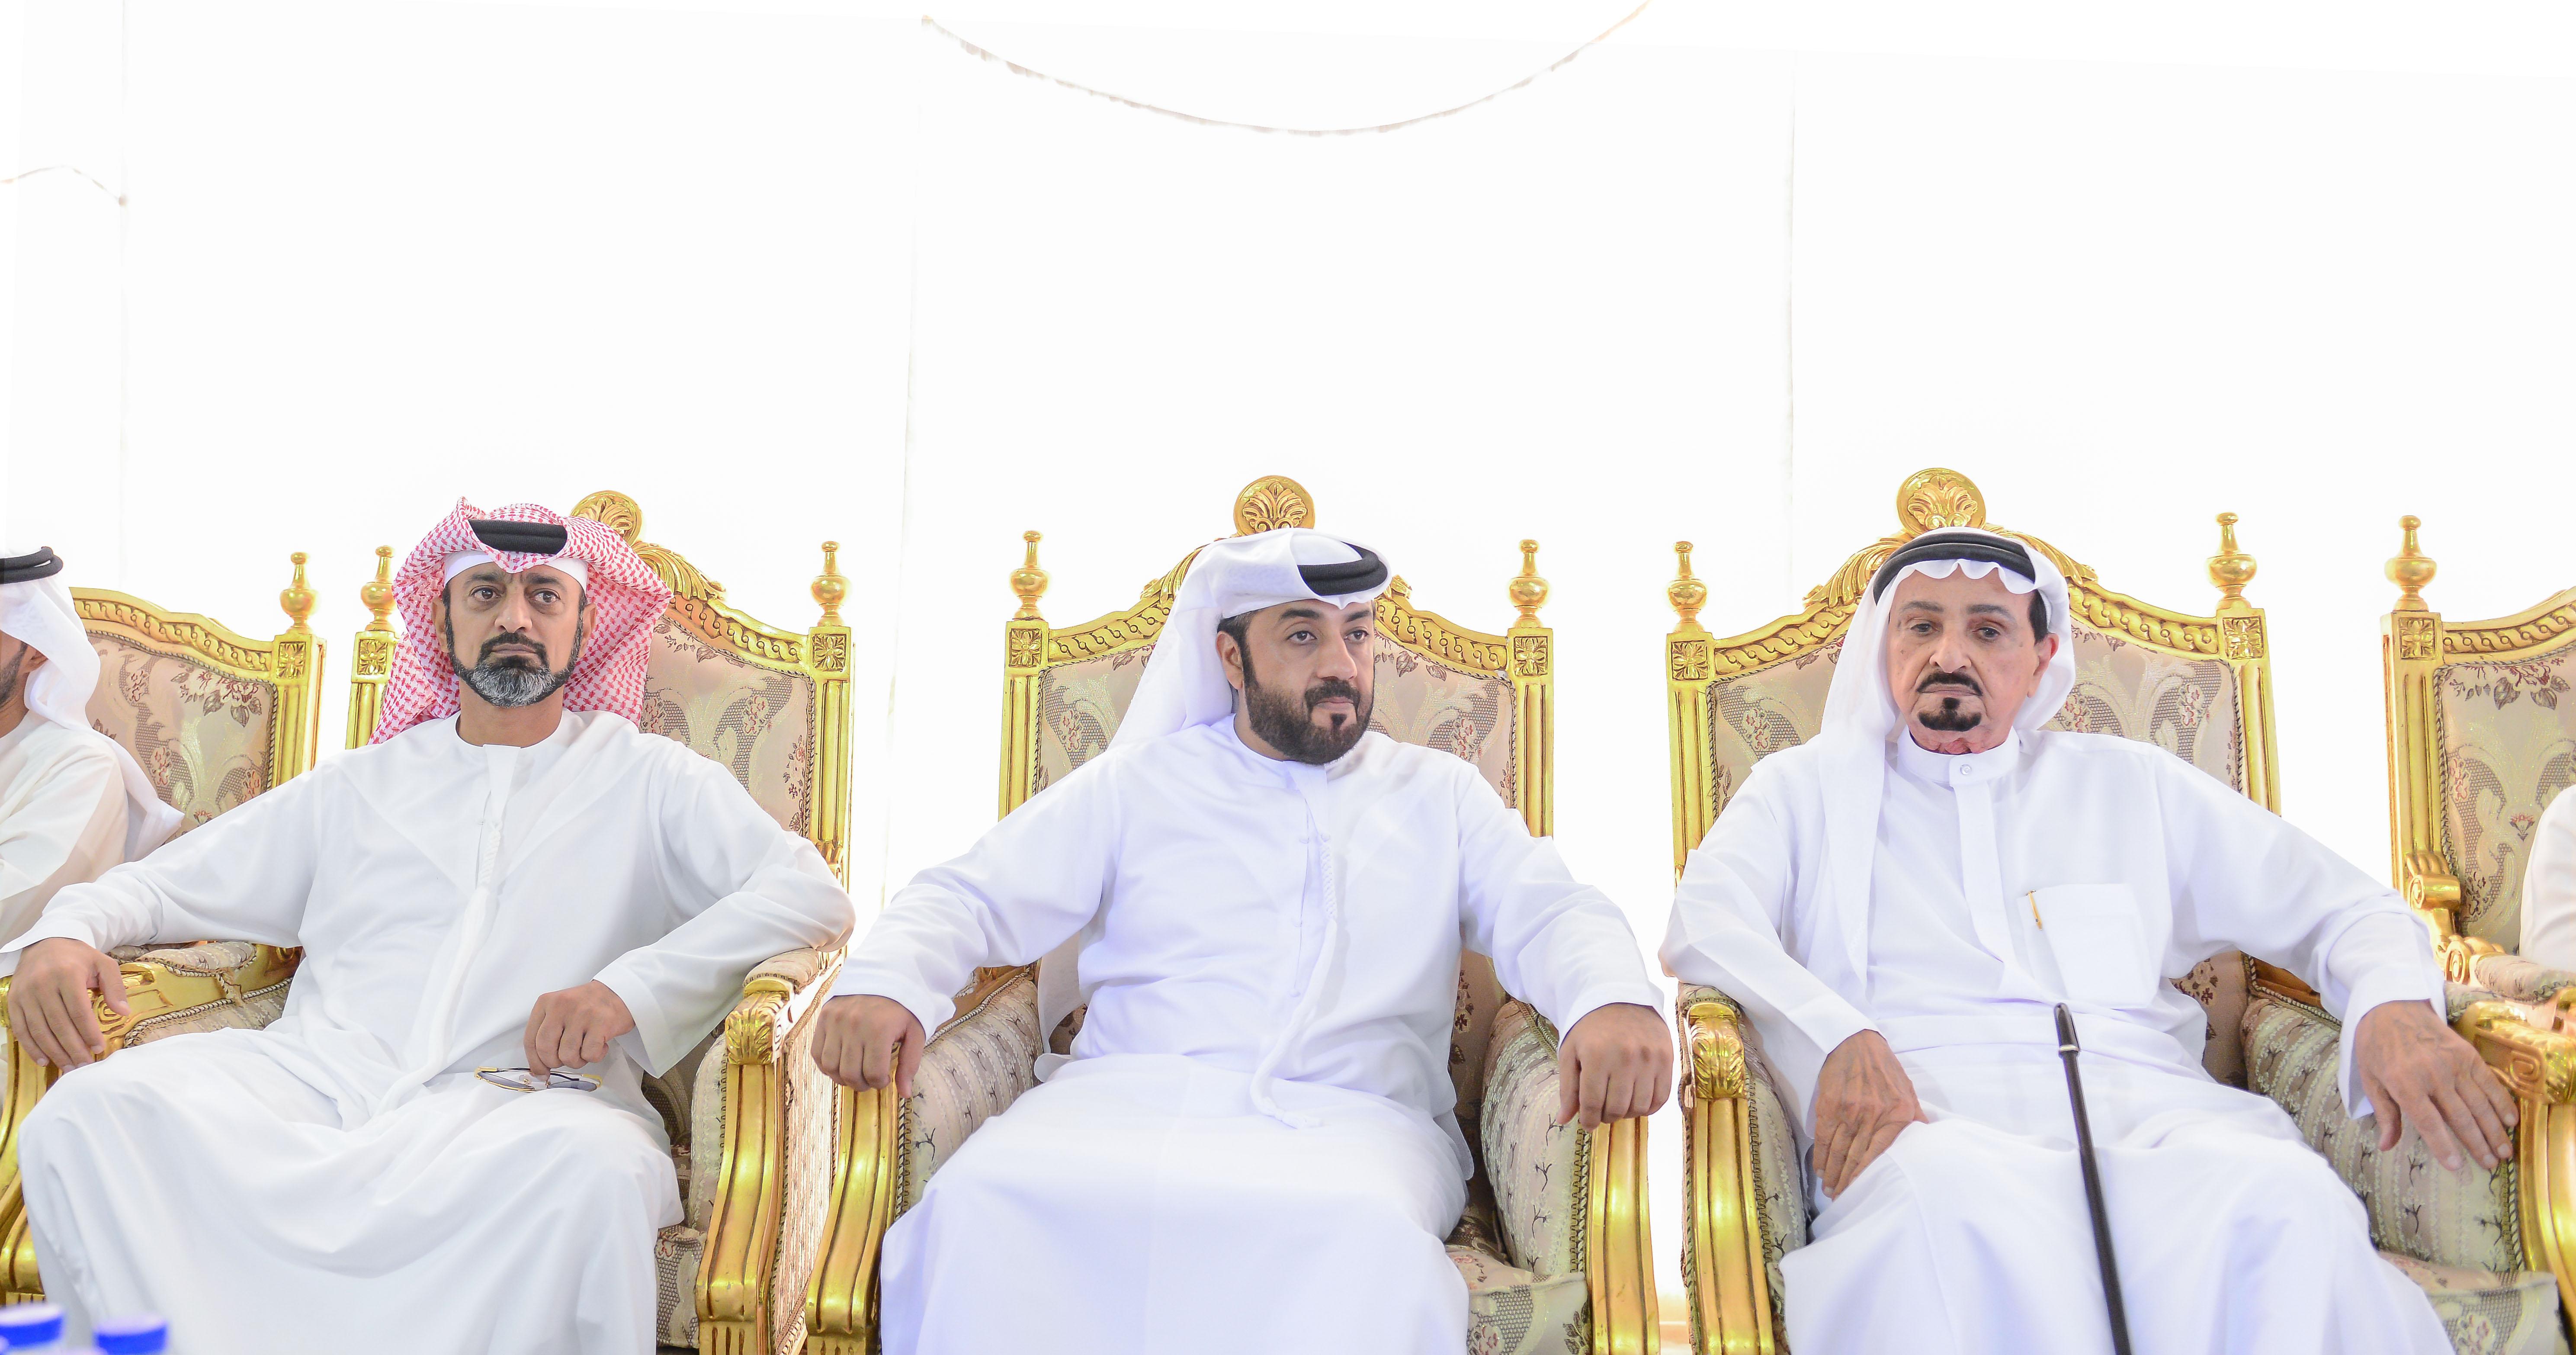 حاكم عجمان وولي عهده يقدمان واجب العزاء في وفاة سلطان العقروبي